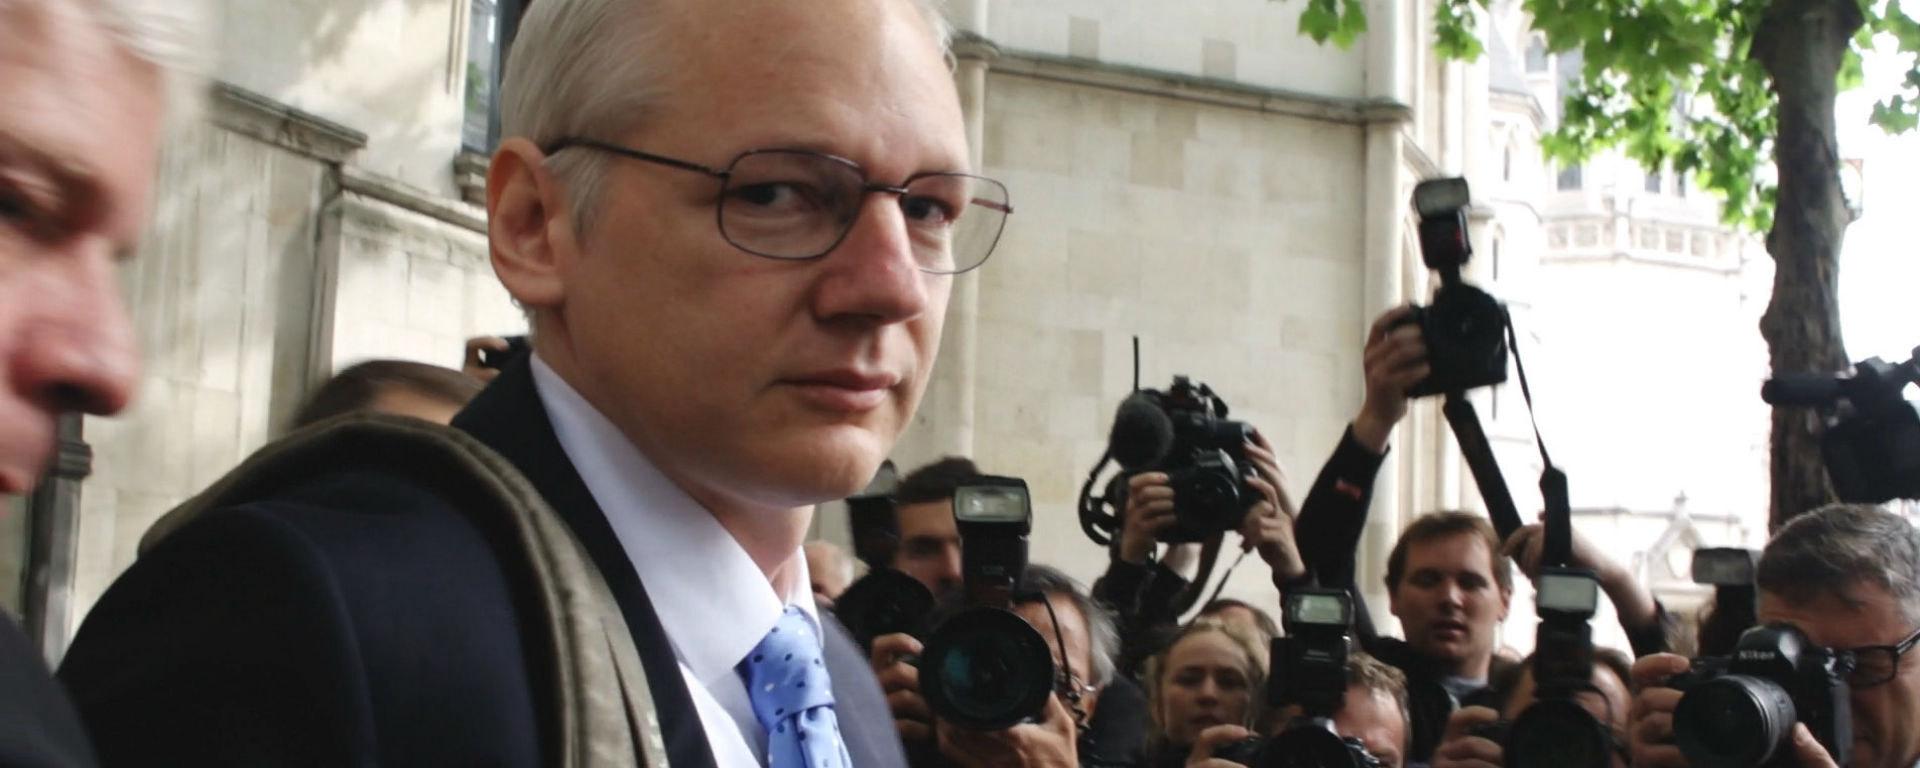 Risk l int rieur du quartier g n ral de wikileaks for A l interieur film